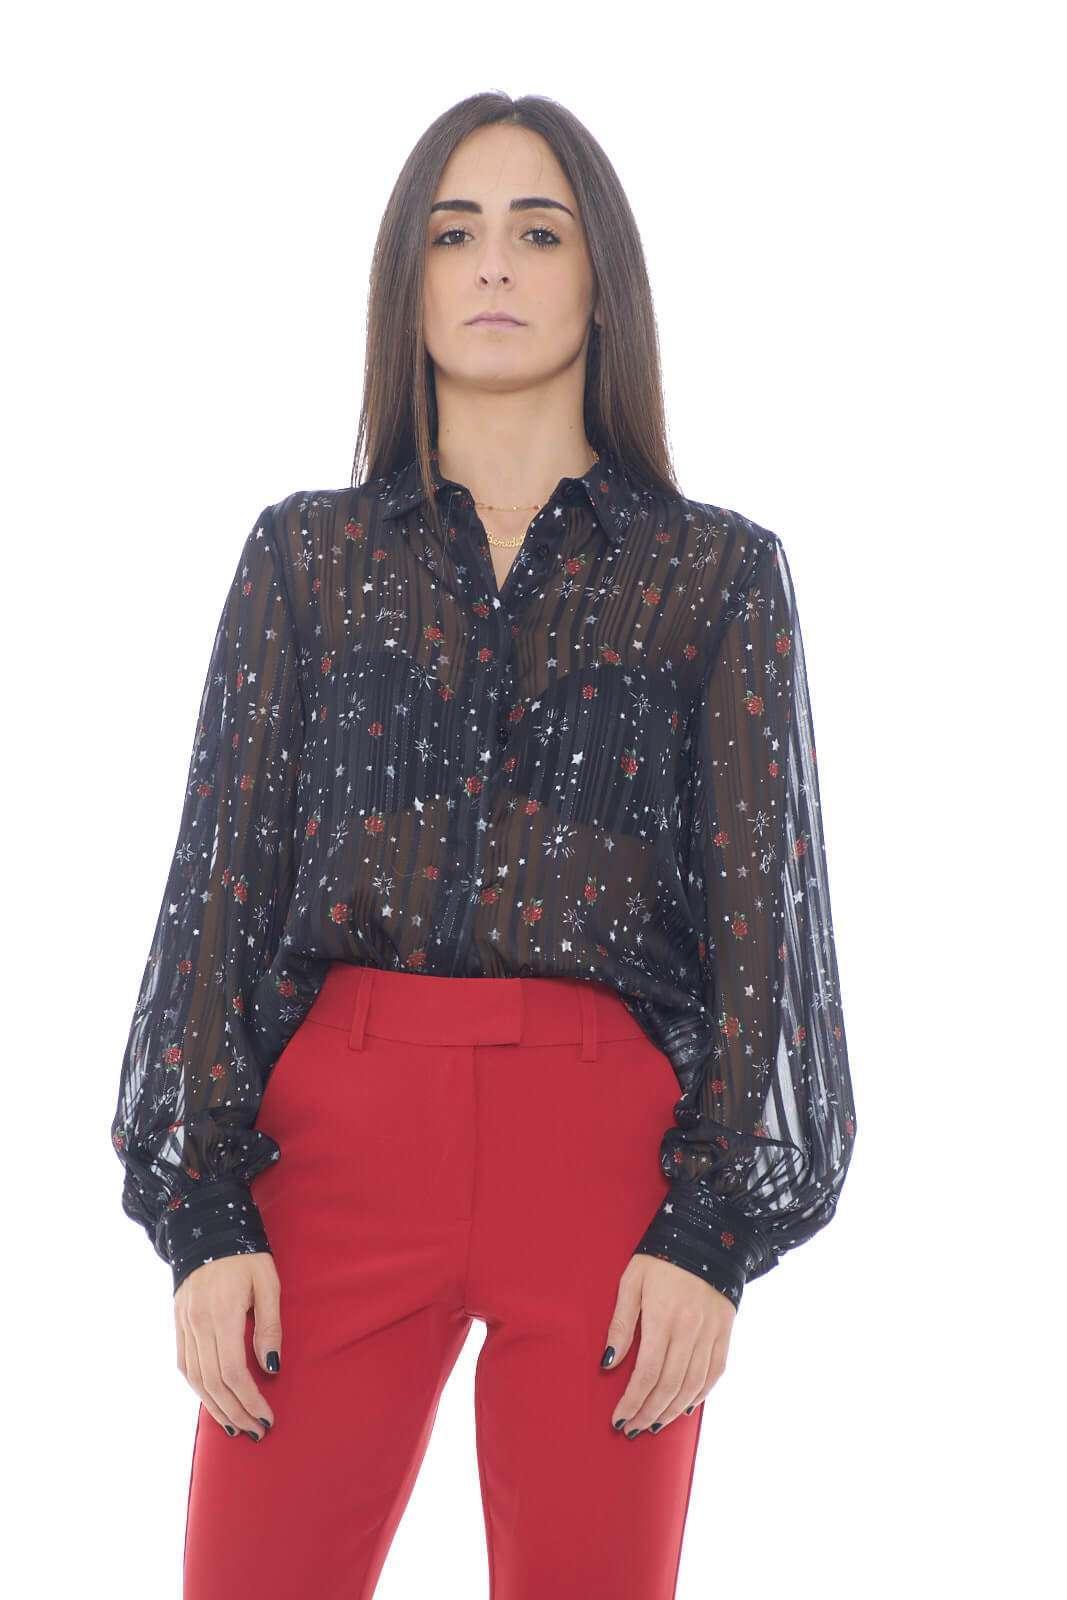 Una camicia firmata Liu Jo, femminile e raffinata, realizzato con un tessuto velato leggero e morbido. Ideale per look semplici e glamour, dove conquisterai tutti con stile e semplicità.  La modella è alta 1,78m indossa la taglia 40.